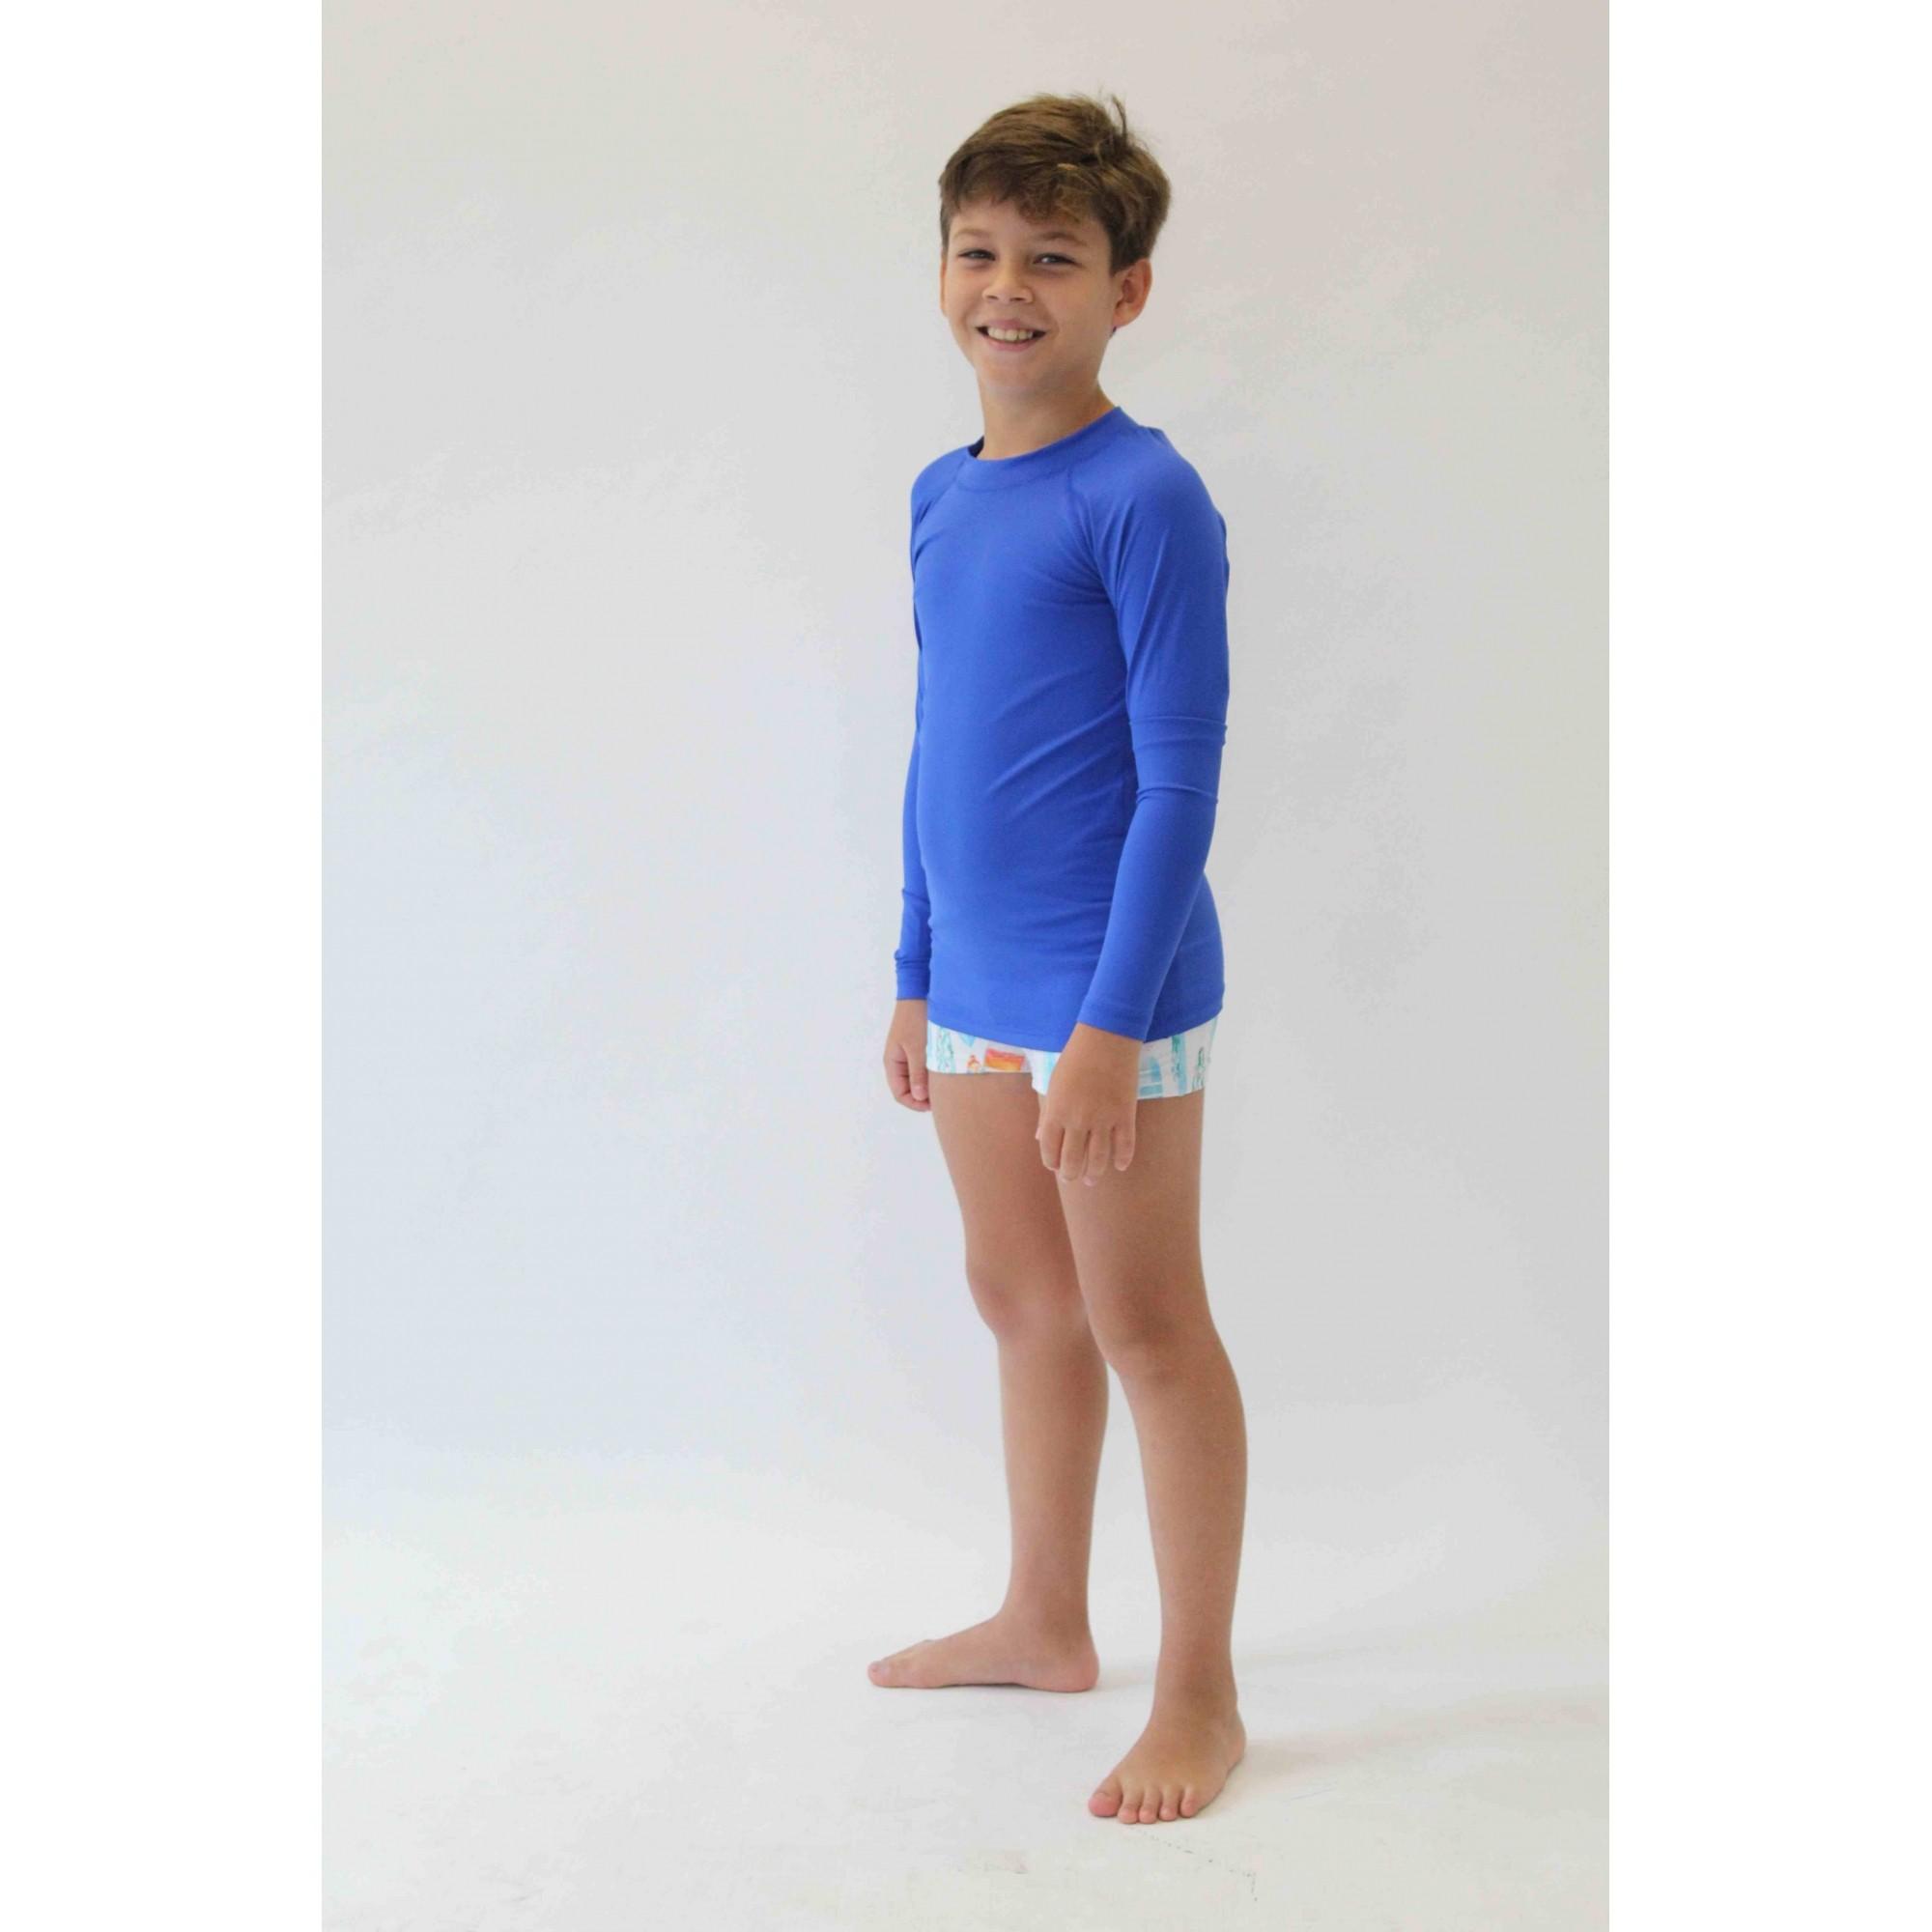 Camiseta de Proteção UPF50+ - Azul Royal